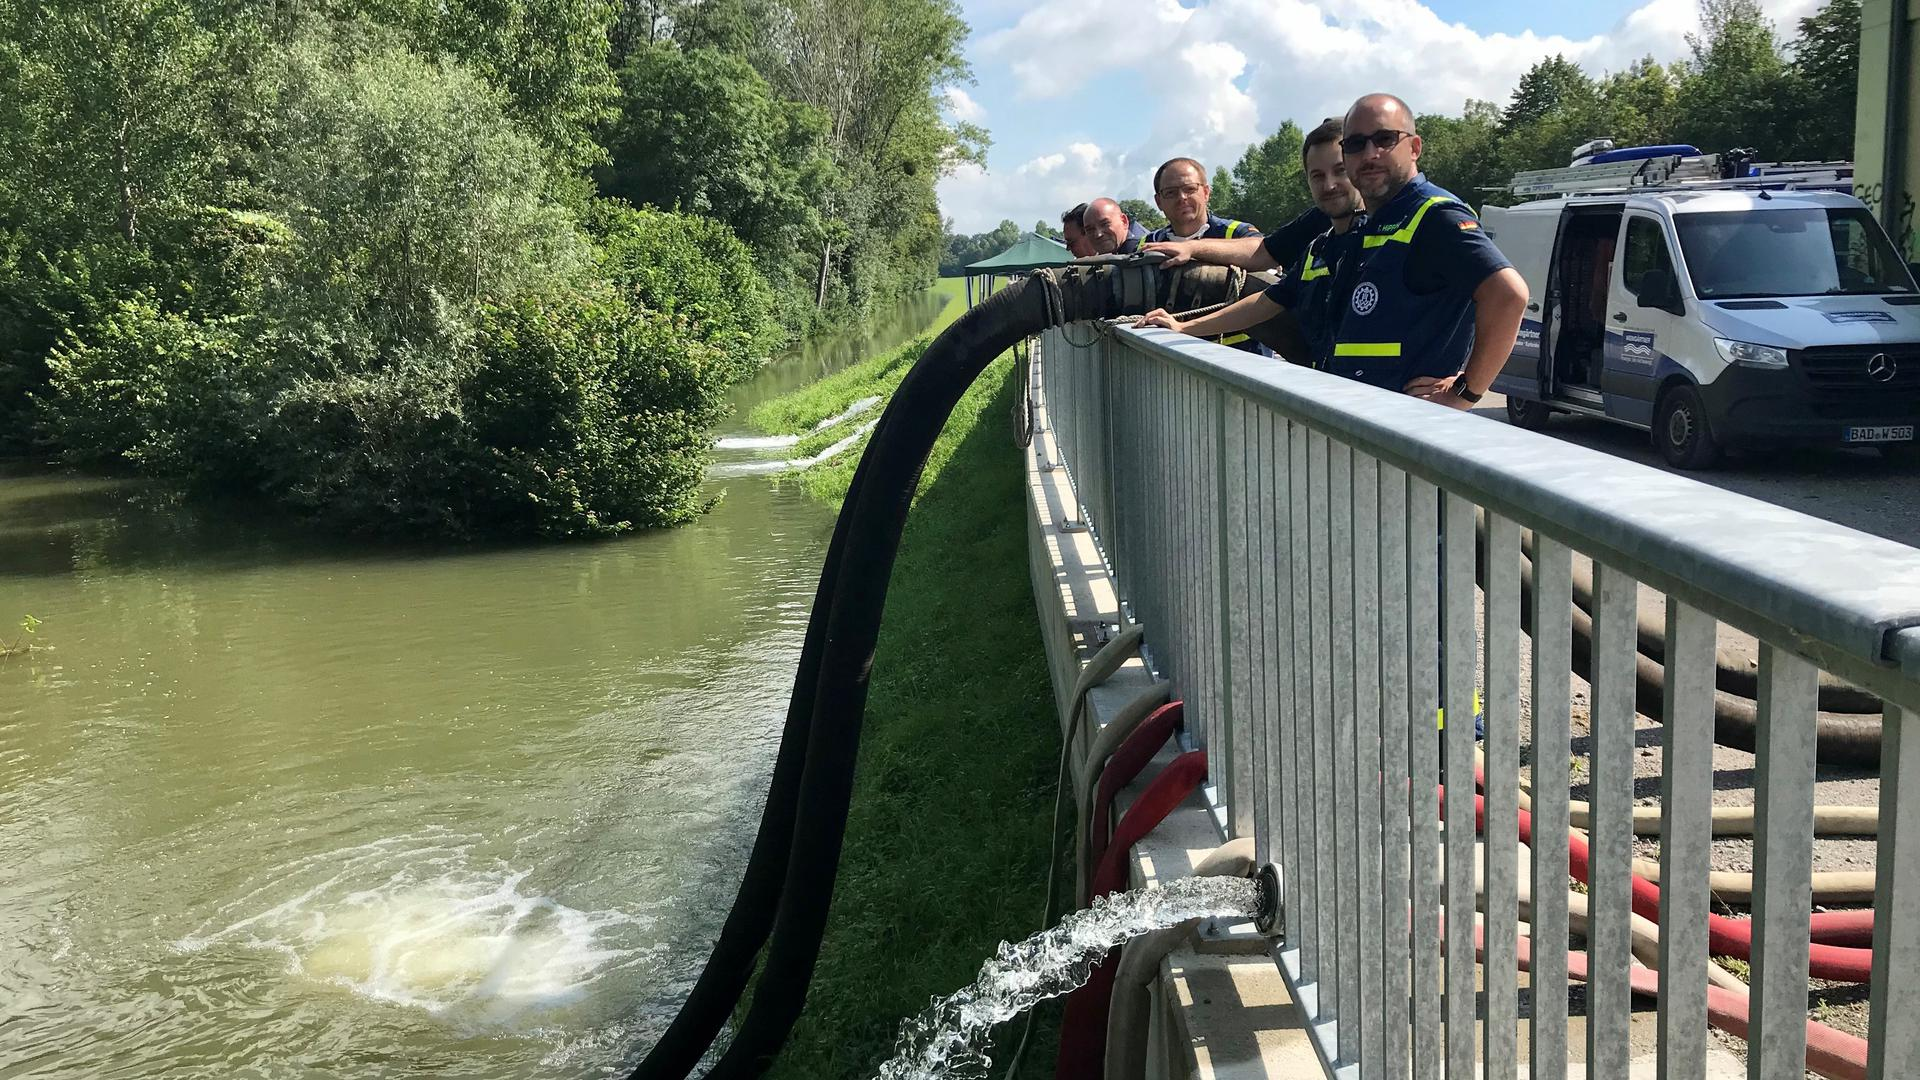 Mehrere Männer an einem Fluss.